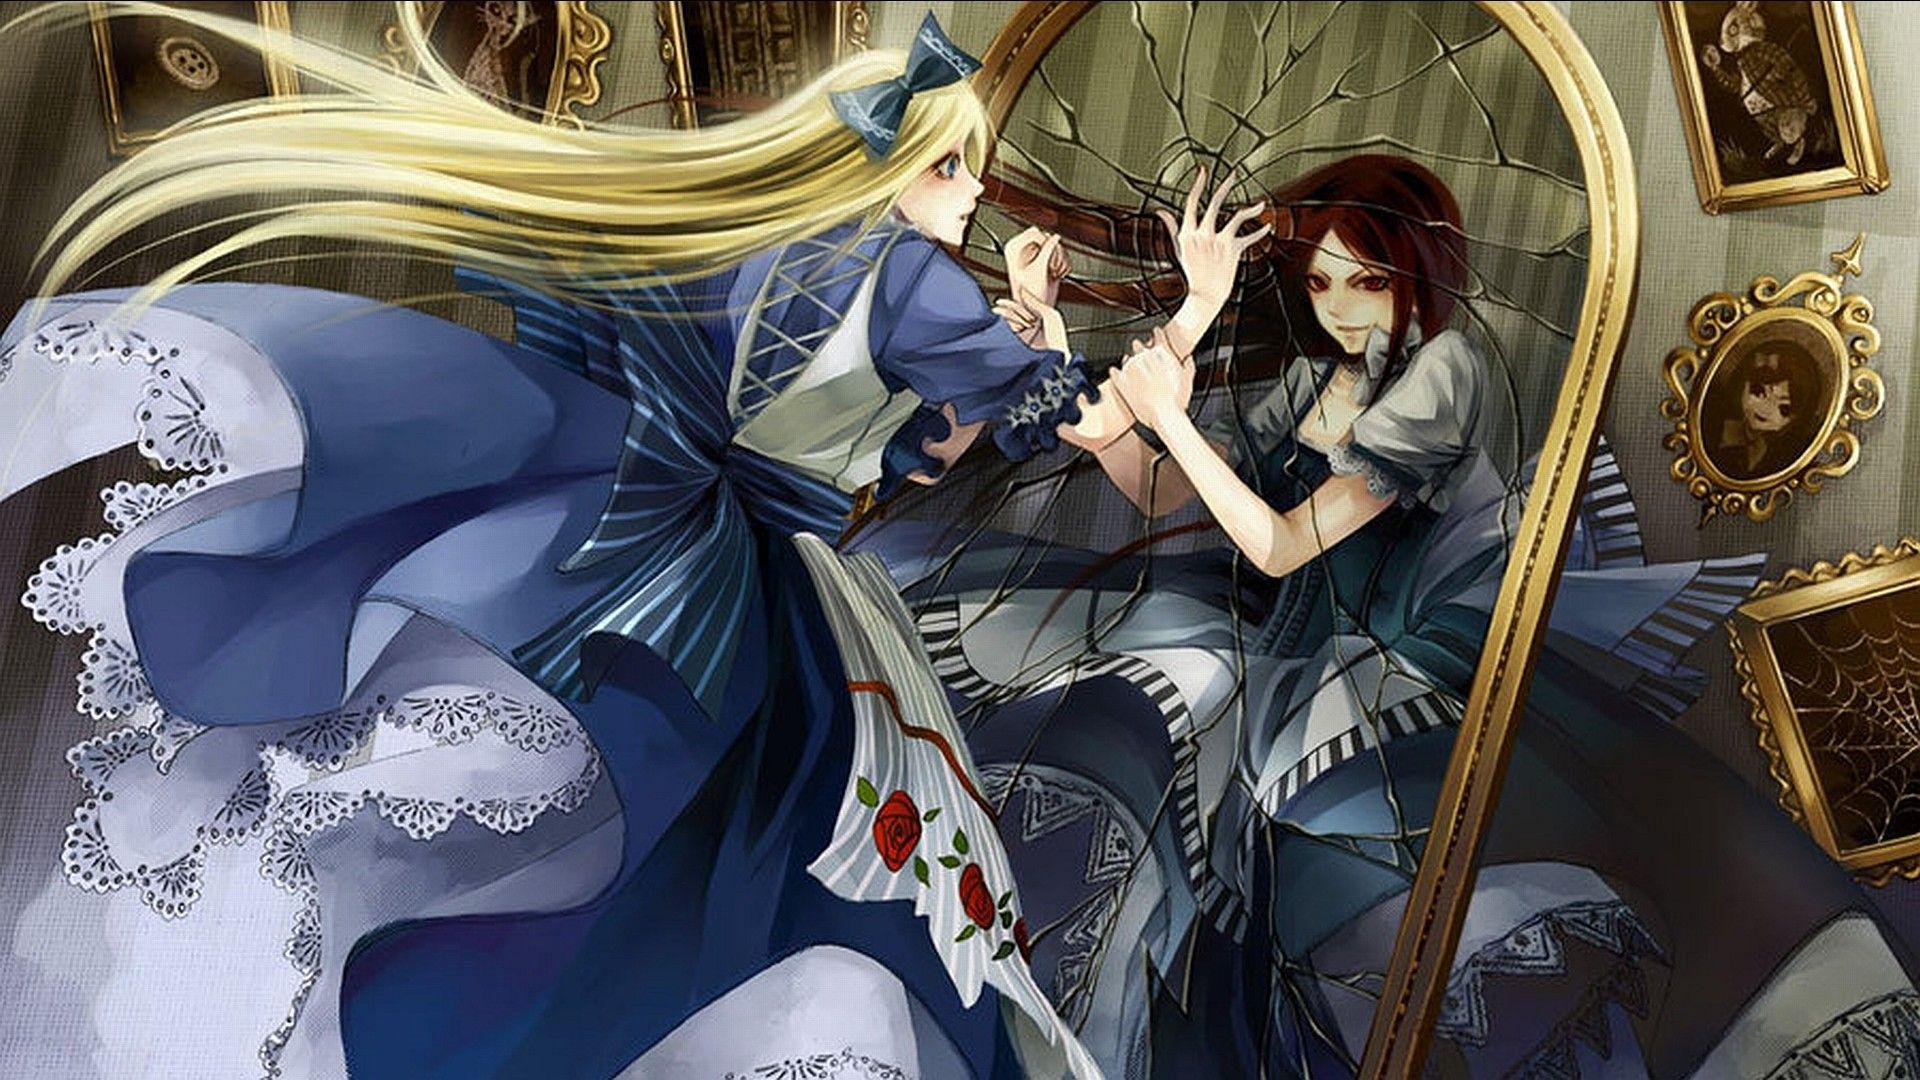 Alice Wonderland Anime Upscaled Wallpaper 2866934 Wallbase Cc